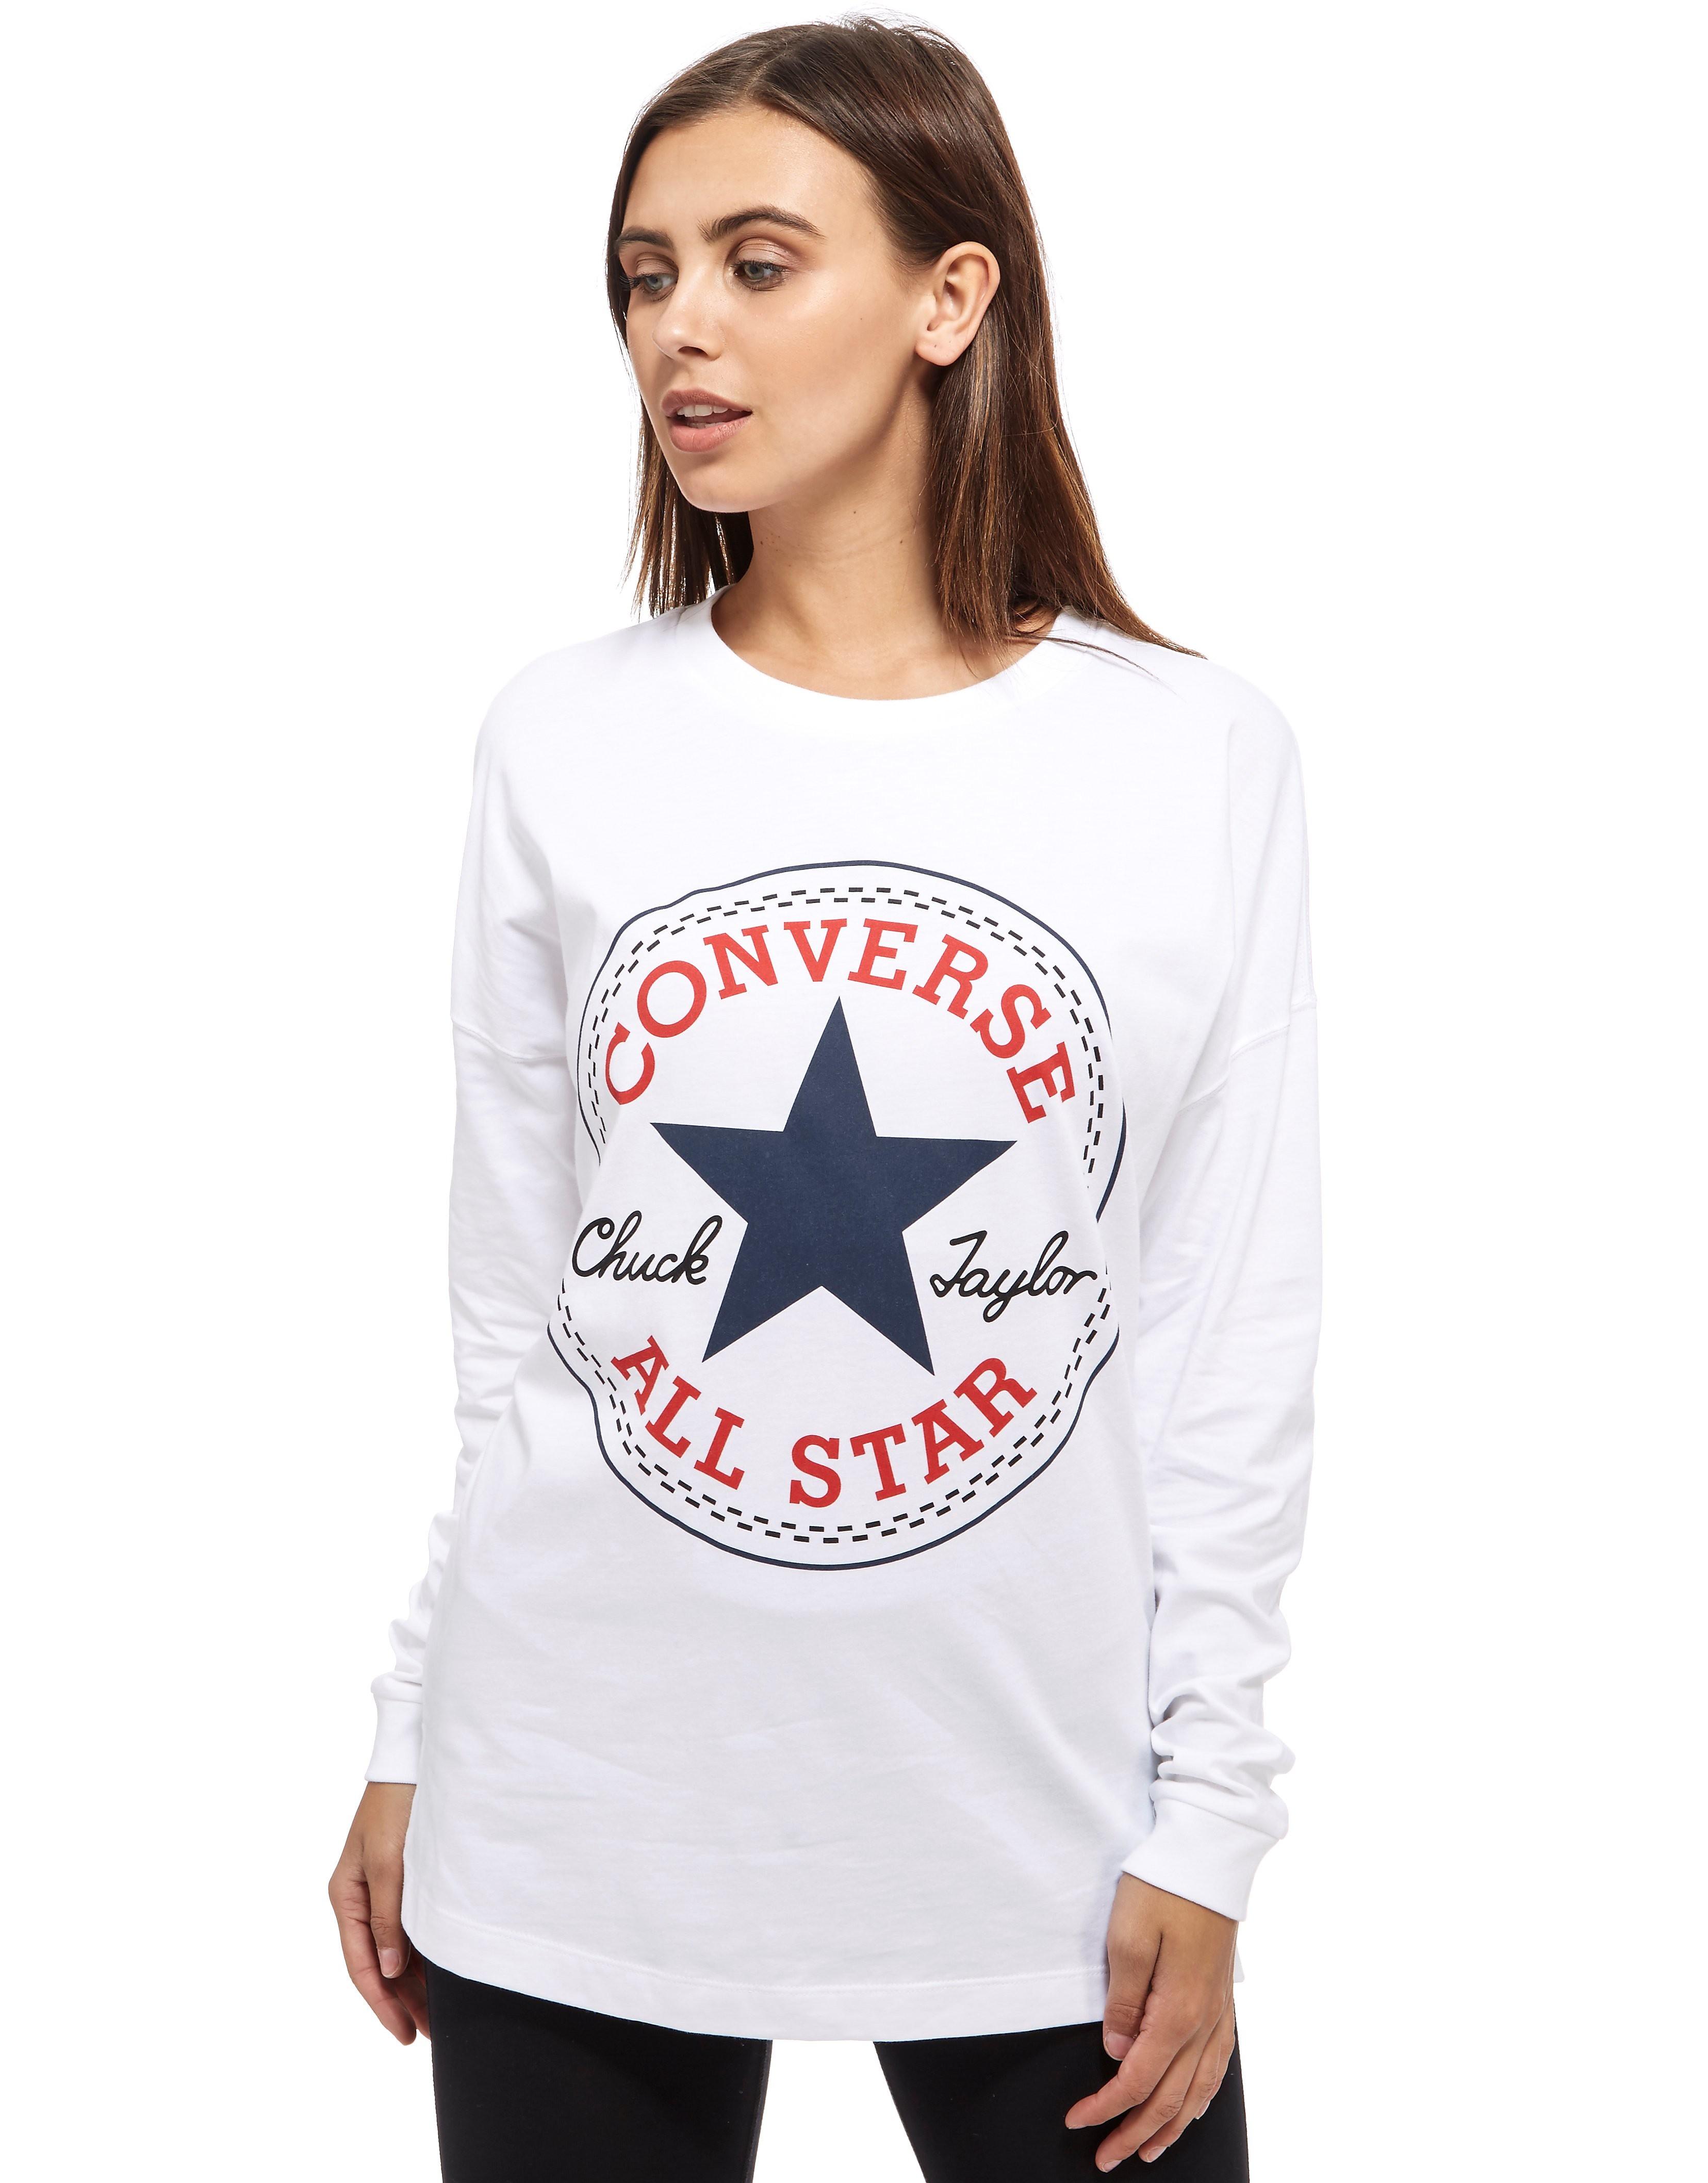 Converse Chuck Long Sleeve Logo T-Shirt